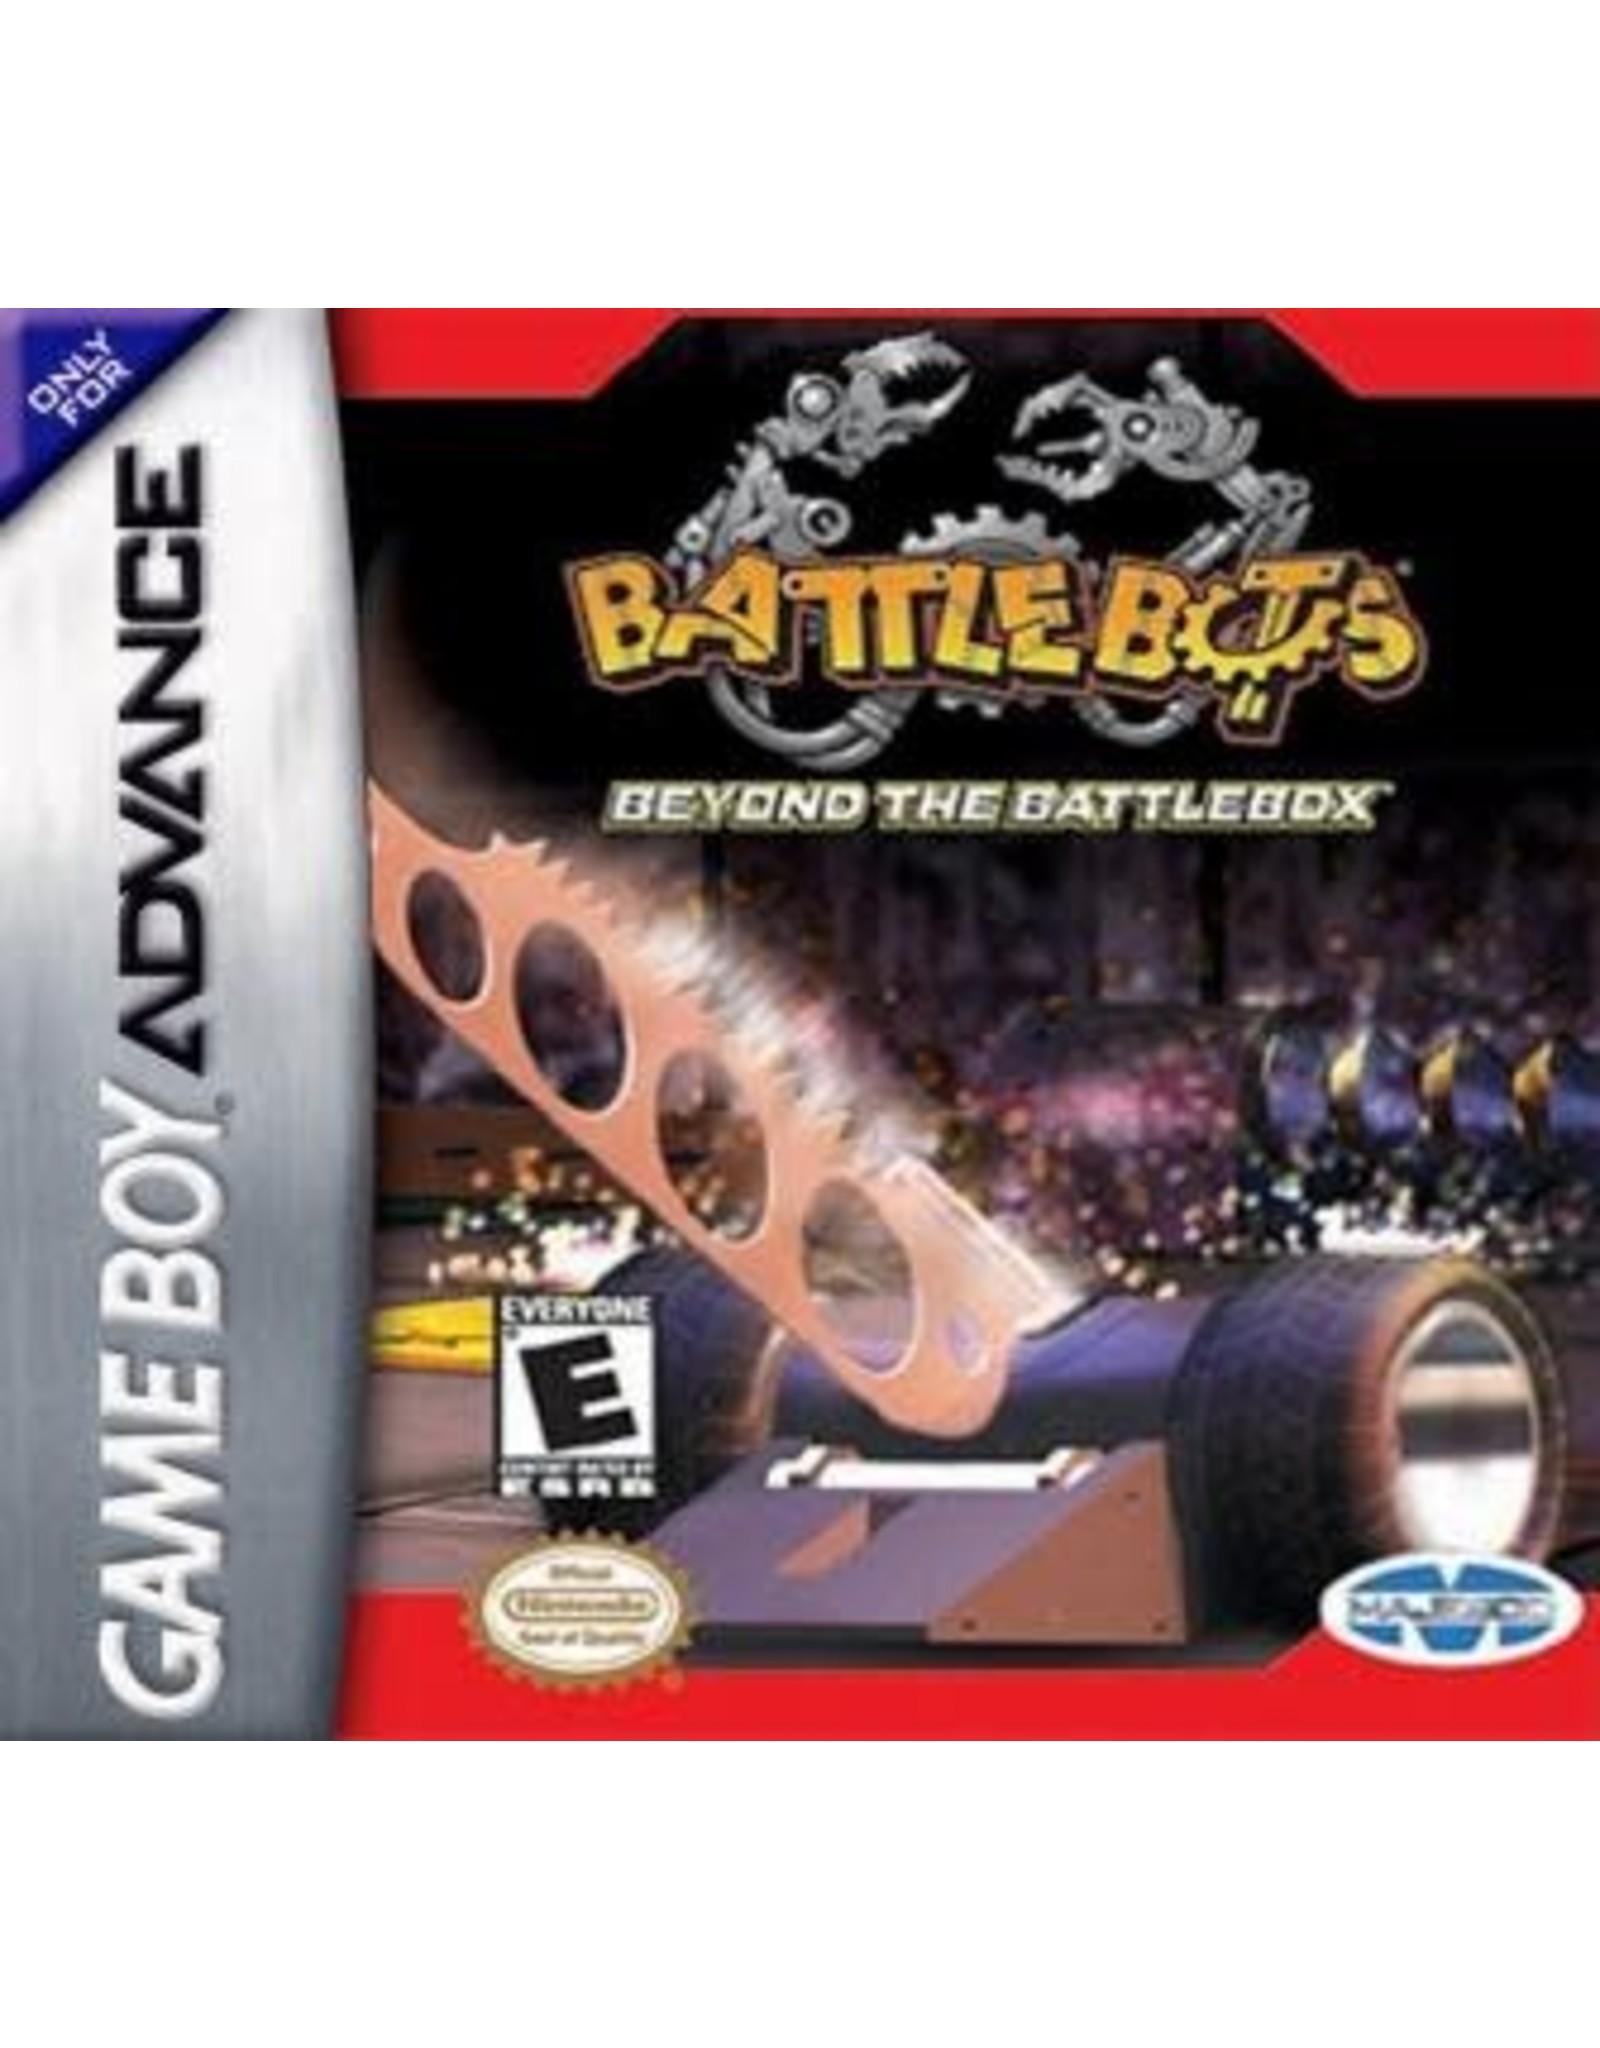 GameBoy Advance Battlebots Beyond the Battlebox (Cart Only)